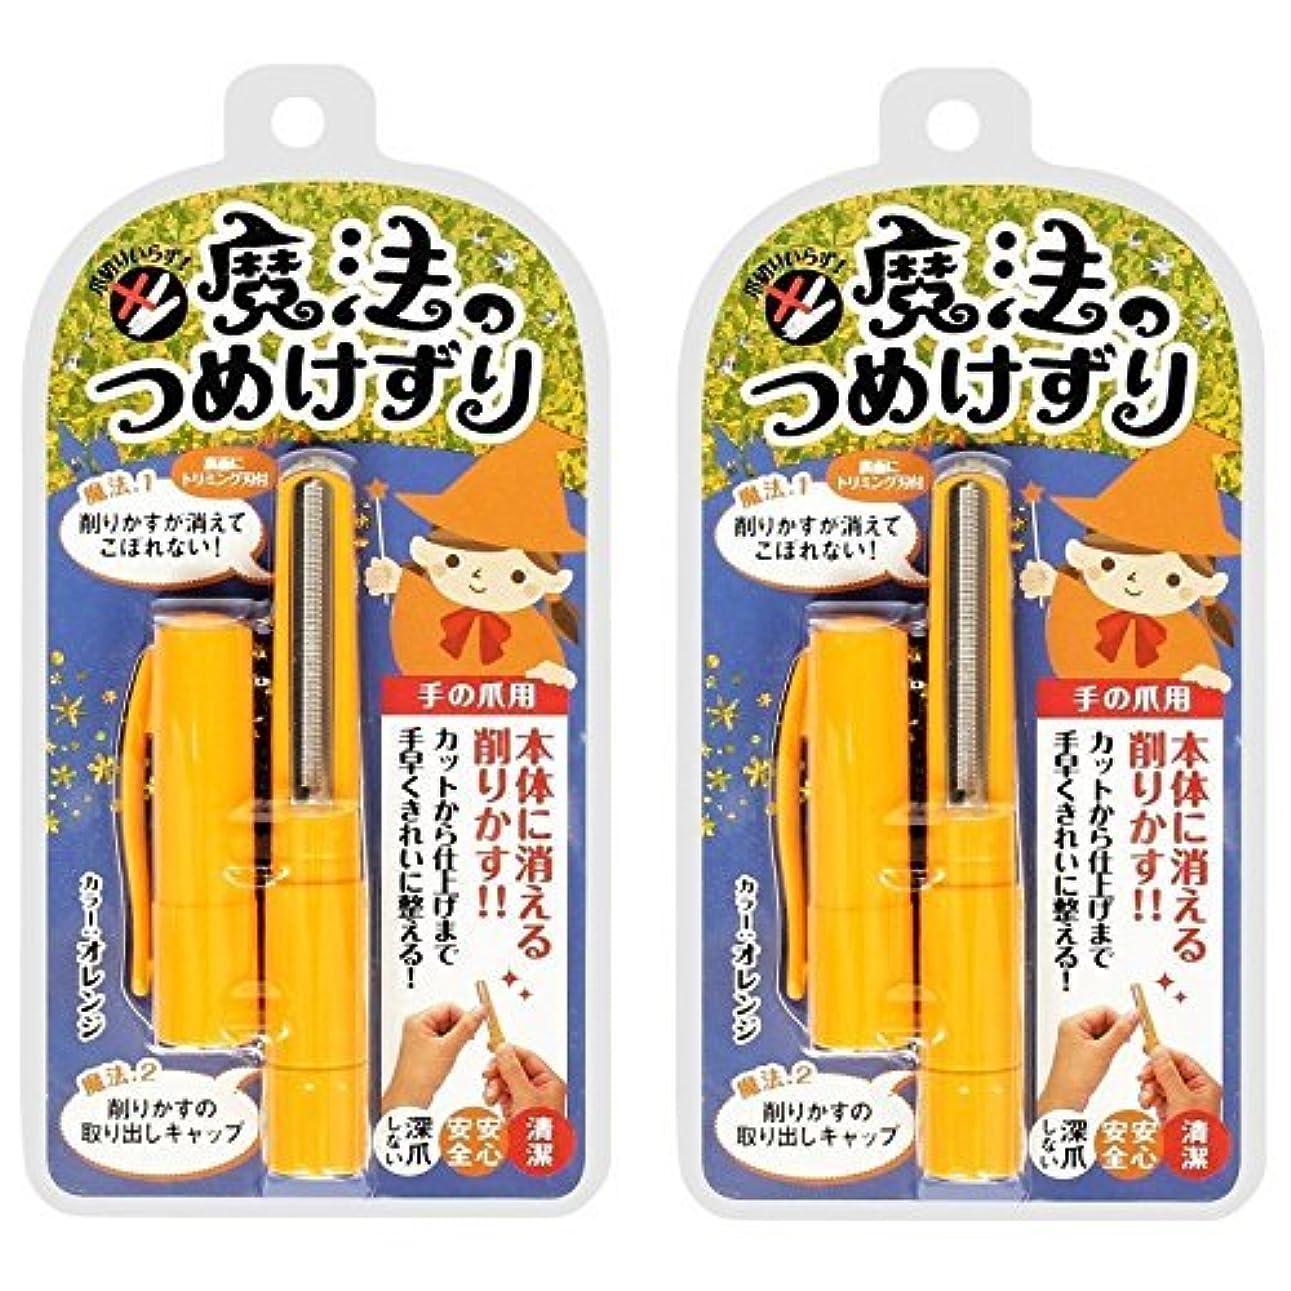 細部ブース冷蔵庫【セット品】松本金型 魔法のつめけずり MM-090 オレンジ ×2個